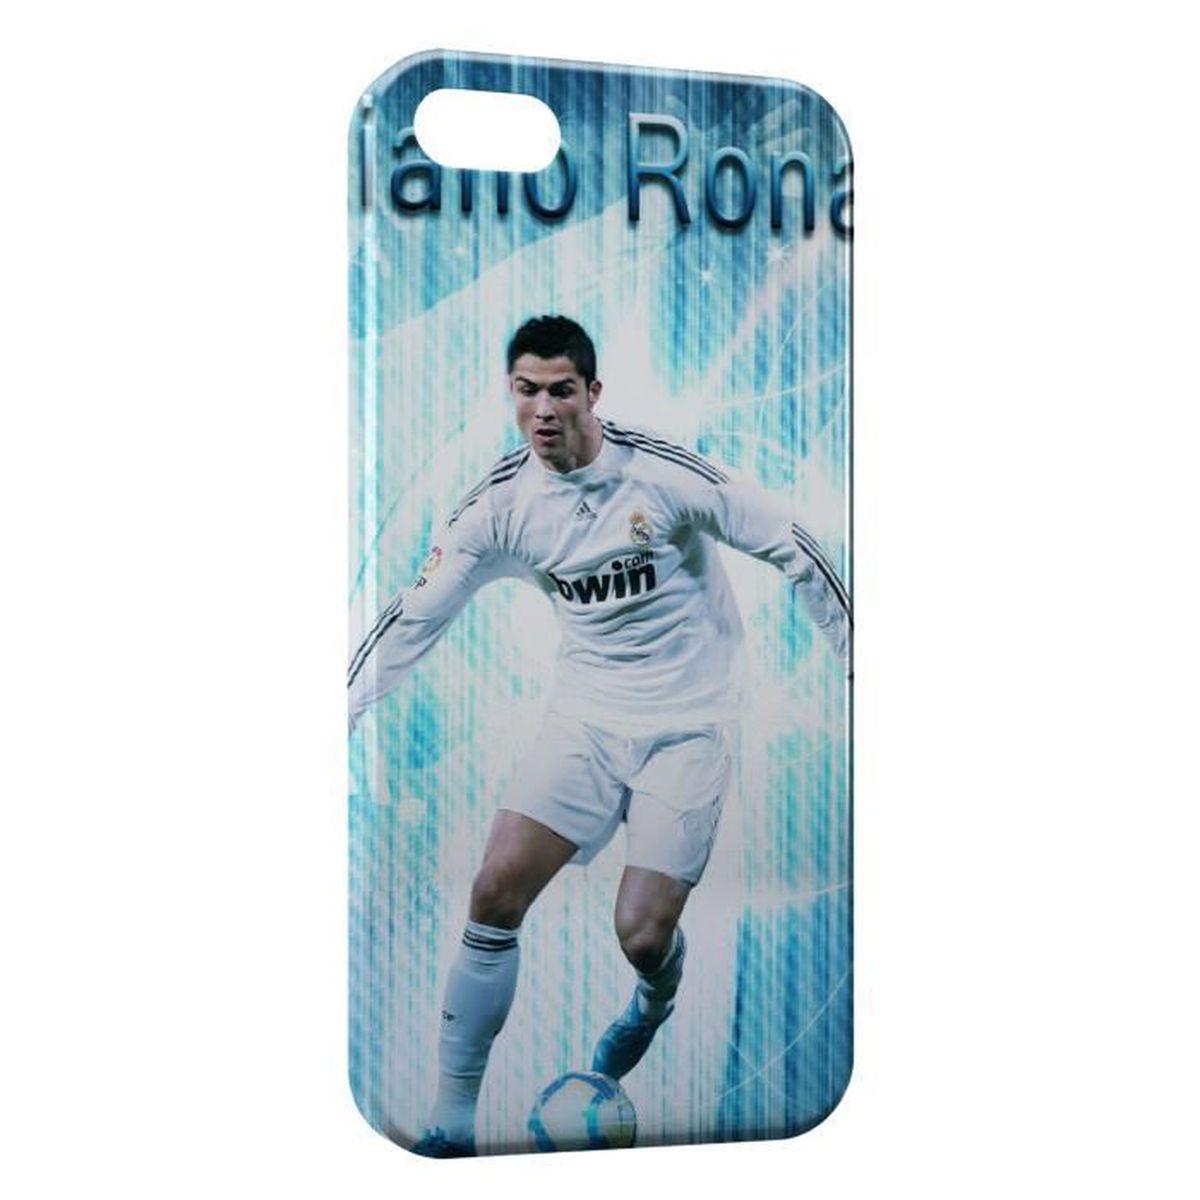 coque ronaldo iphone 4